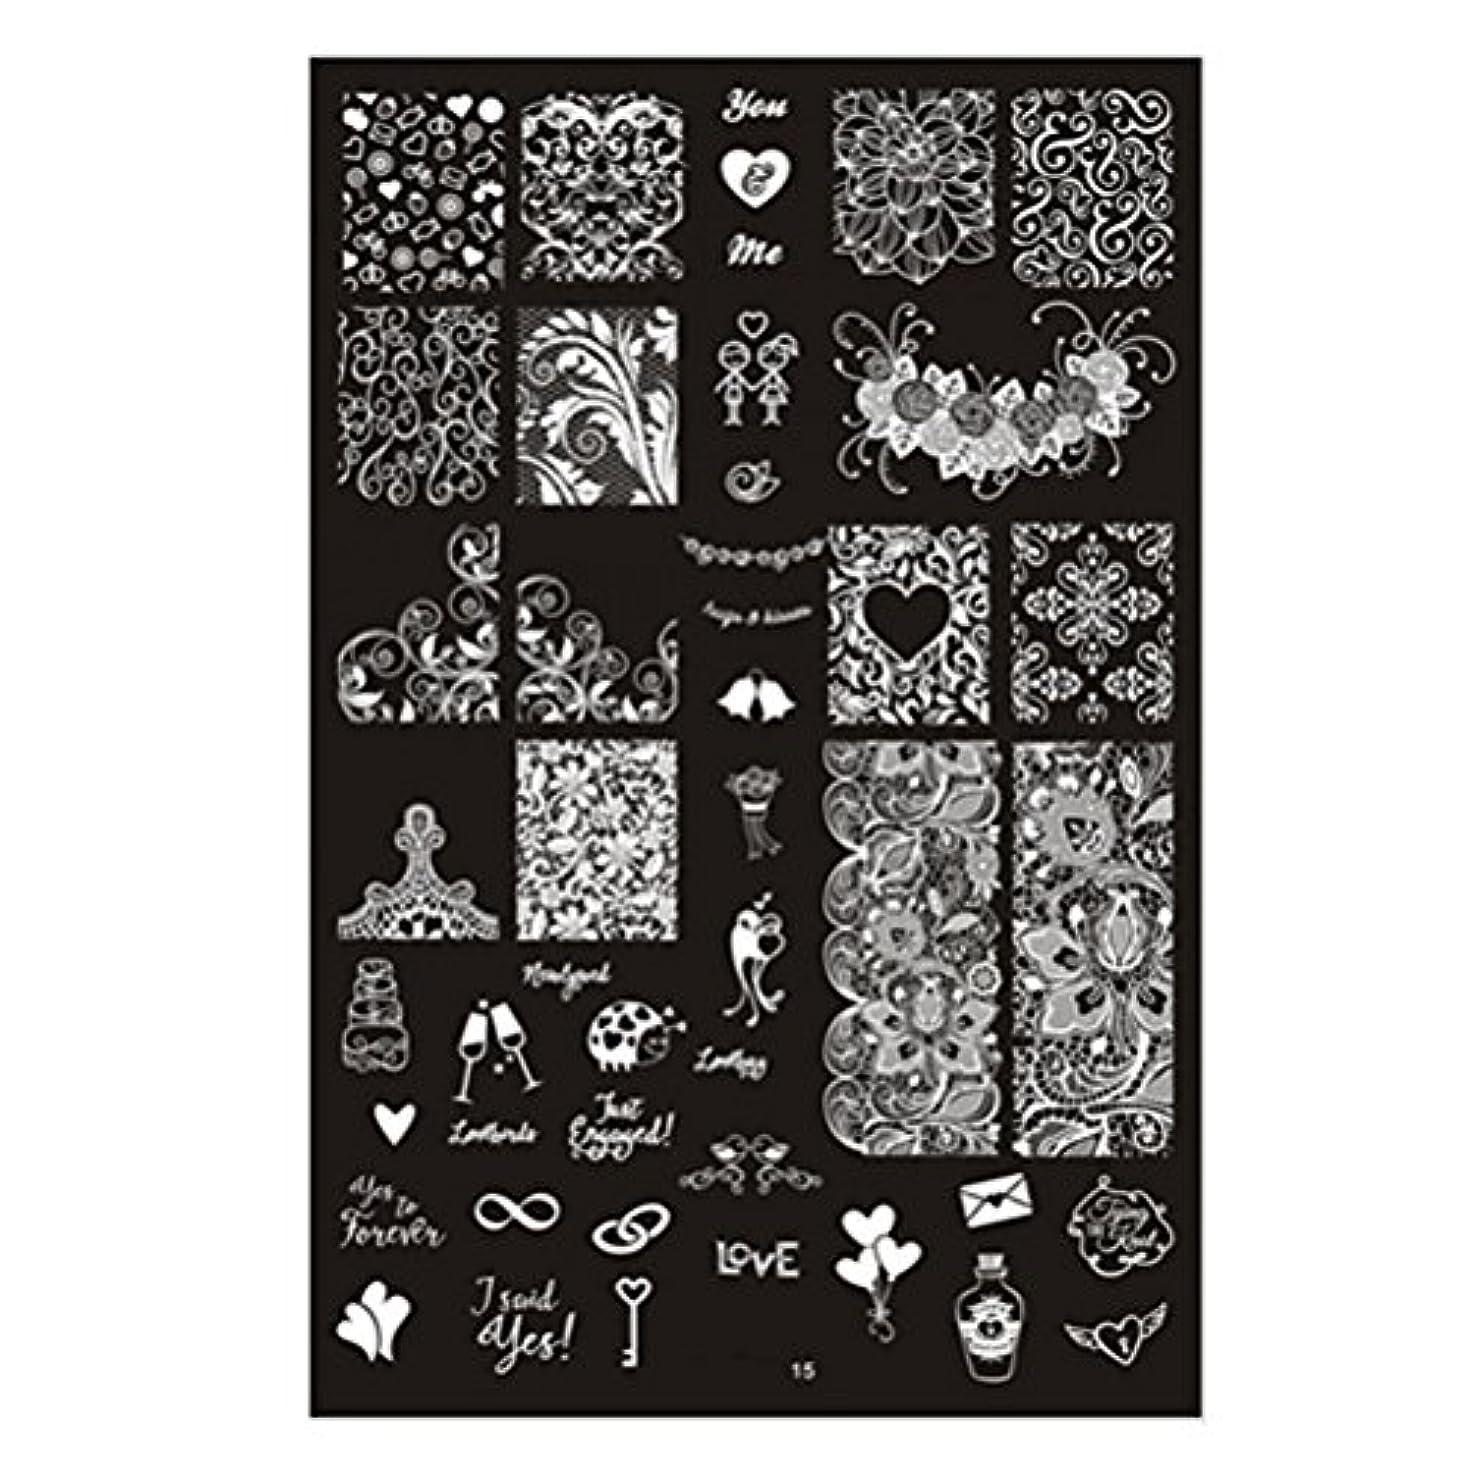 [ルテンズ] スタンピングプレートセット 花柄 ネイルプレート ネイルアートツール ネイルプレート ネイルスタンパー ネイルスタンプ スタンプネイル ネイルデザイン用品